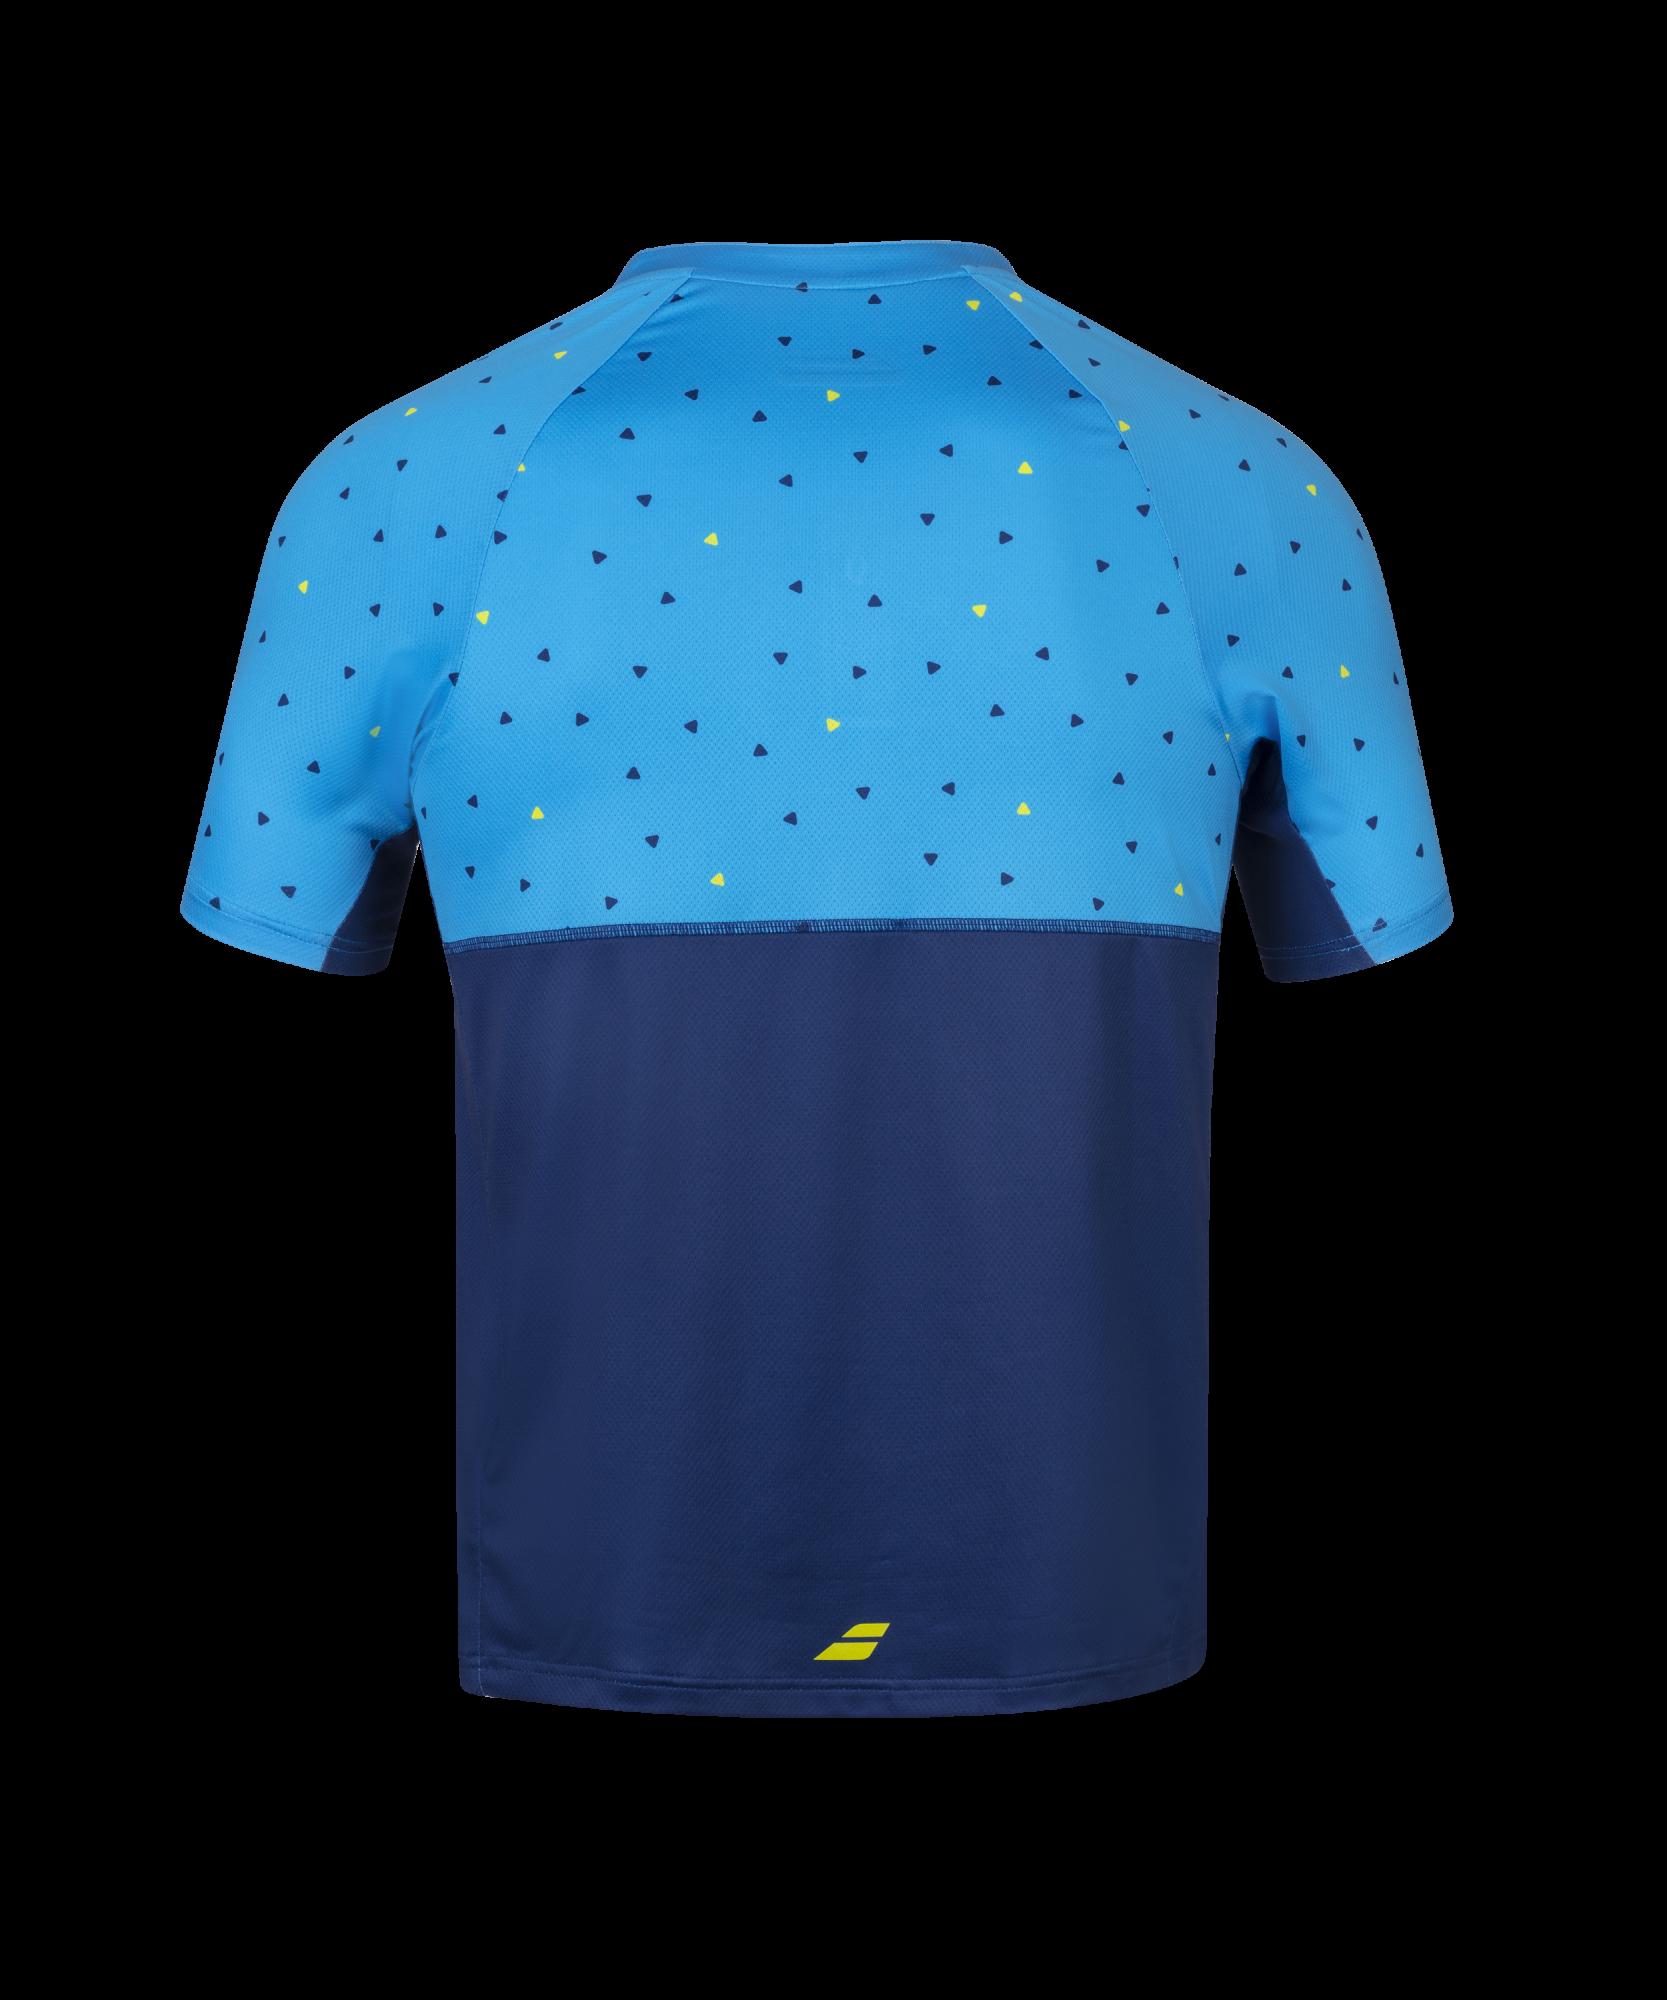 Polo Babolat Compete - bleu